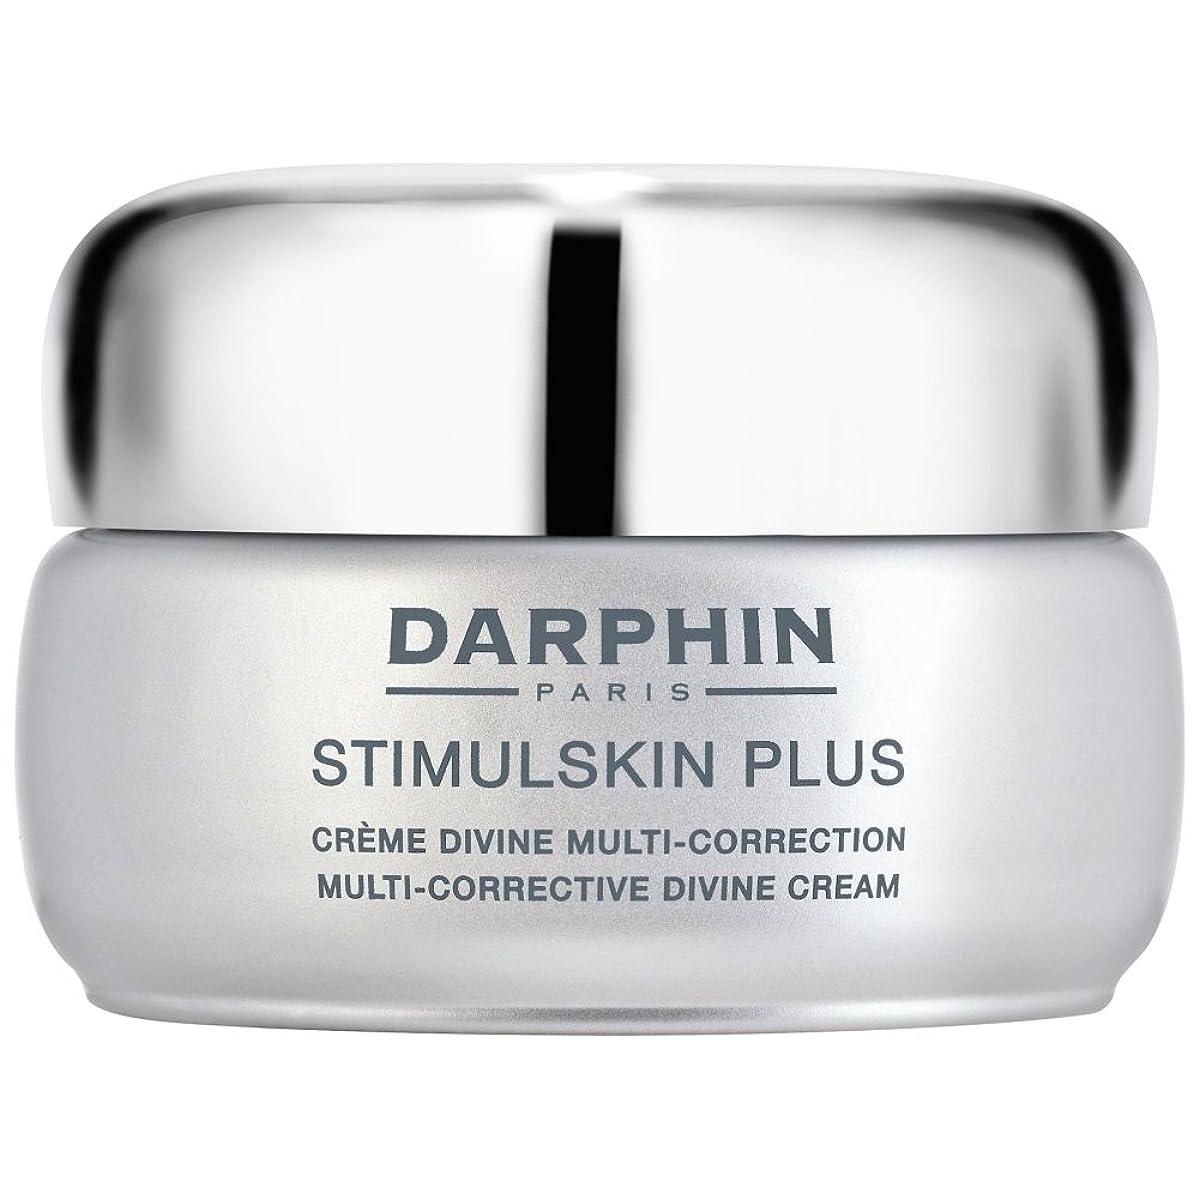 配列日常的にファシズムスティプラスマルチ是正神のクリームダルファン、50ミリリットル (Darphin) (x2) - Darphin Stimulskin Plus Multi-Corrective Divine Cream, 50ml (Pack of 2) [並行輸入品]